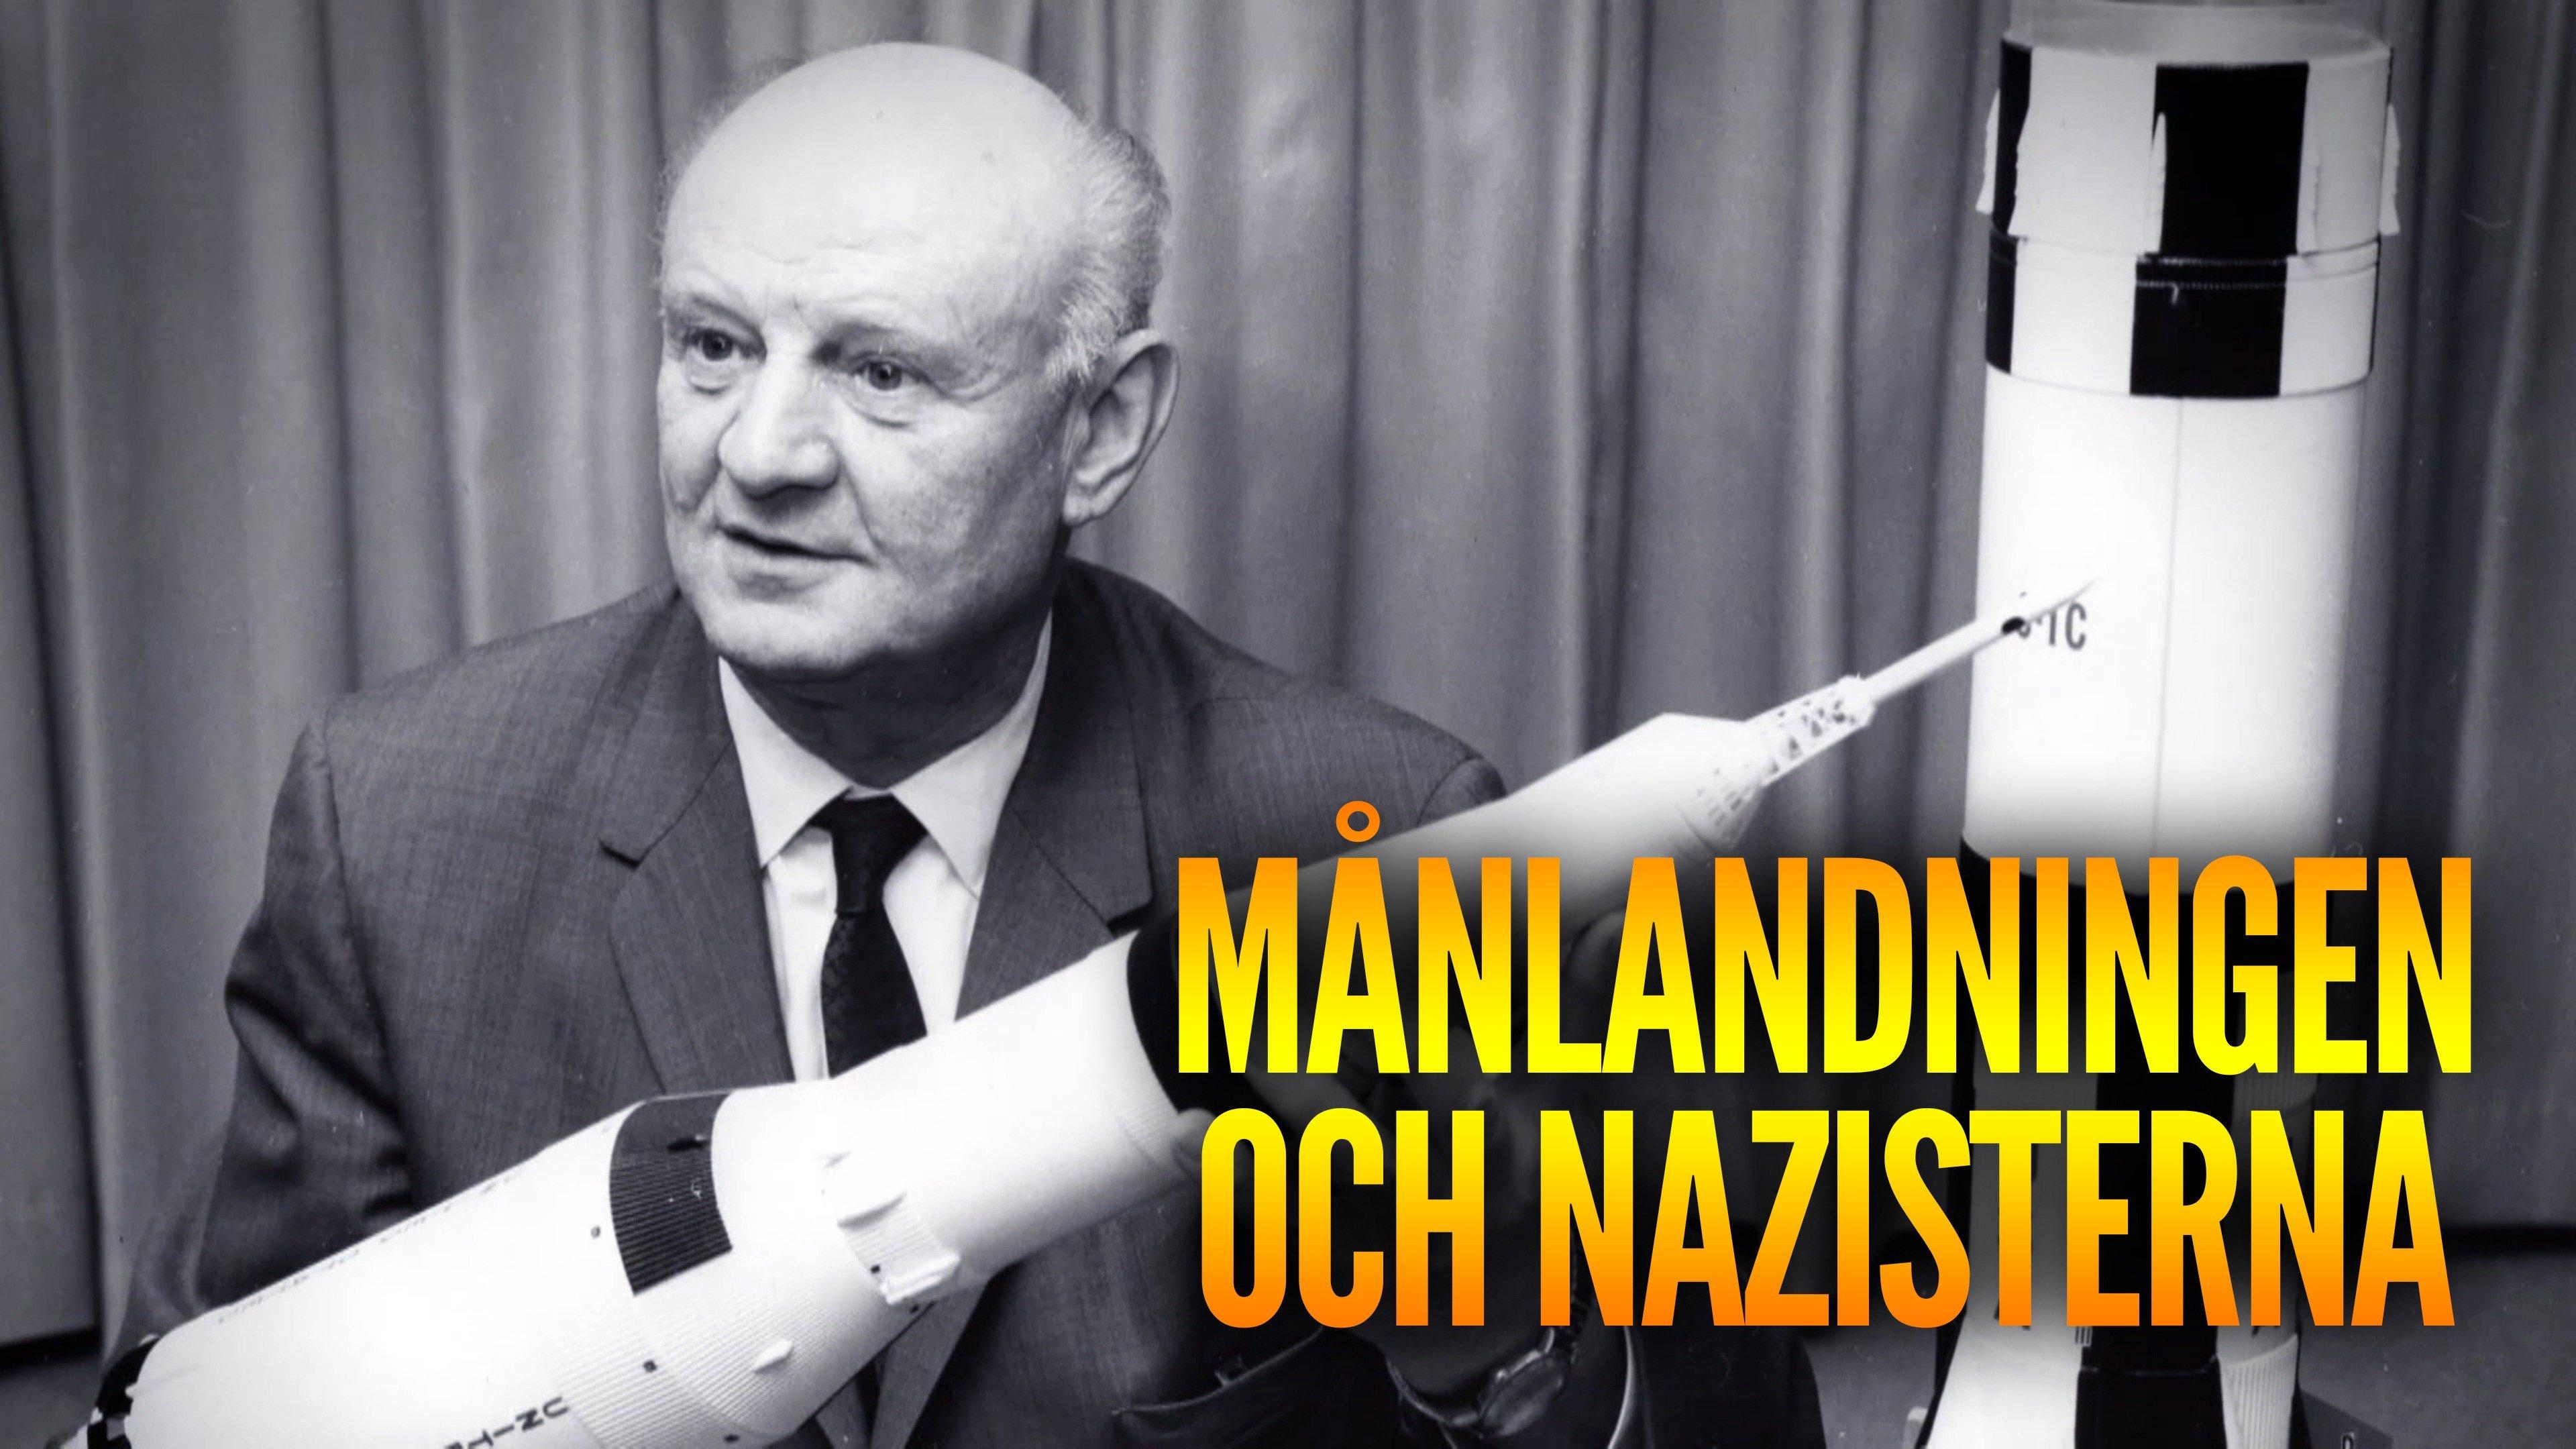 Månlandningen och nazisterna